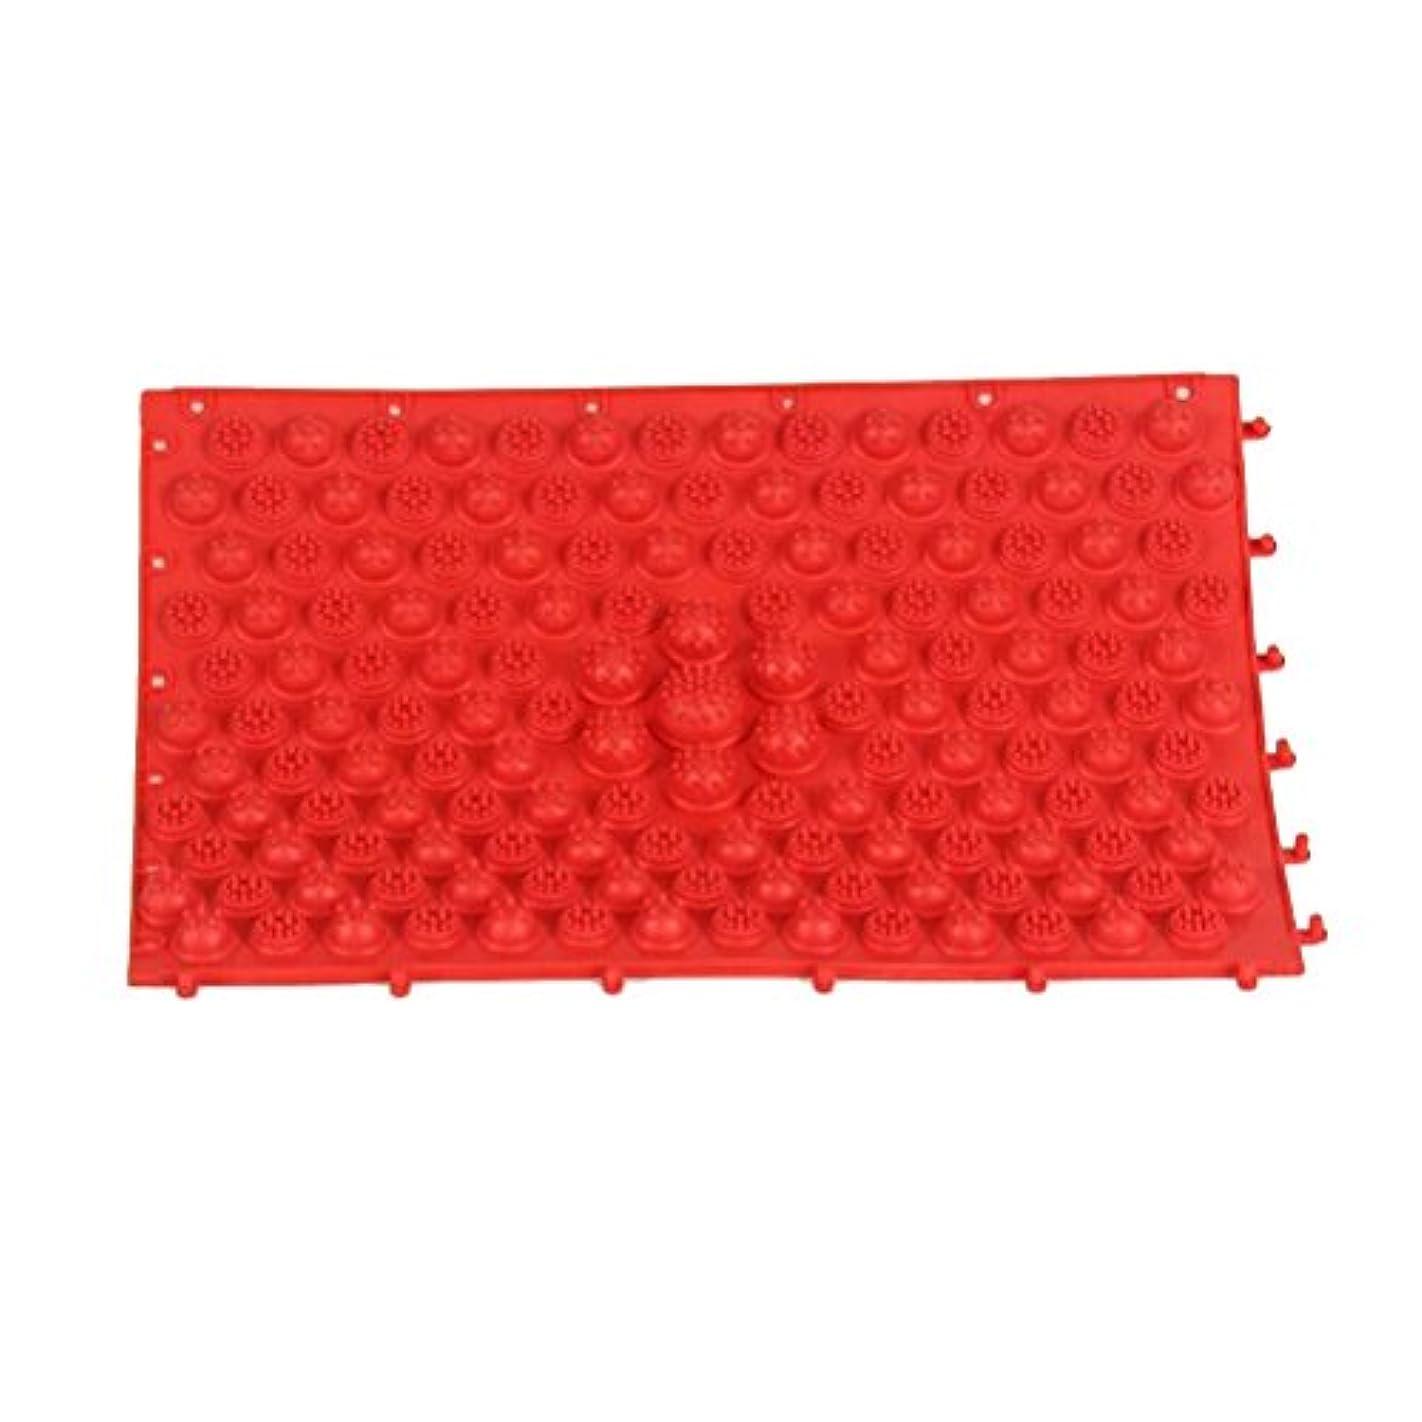 作詞家革新謝るROSENICE 足のマッサージマット血液循環指圧マットフィートヘルスケアマッサージプレート(赤)